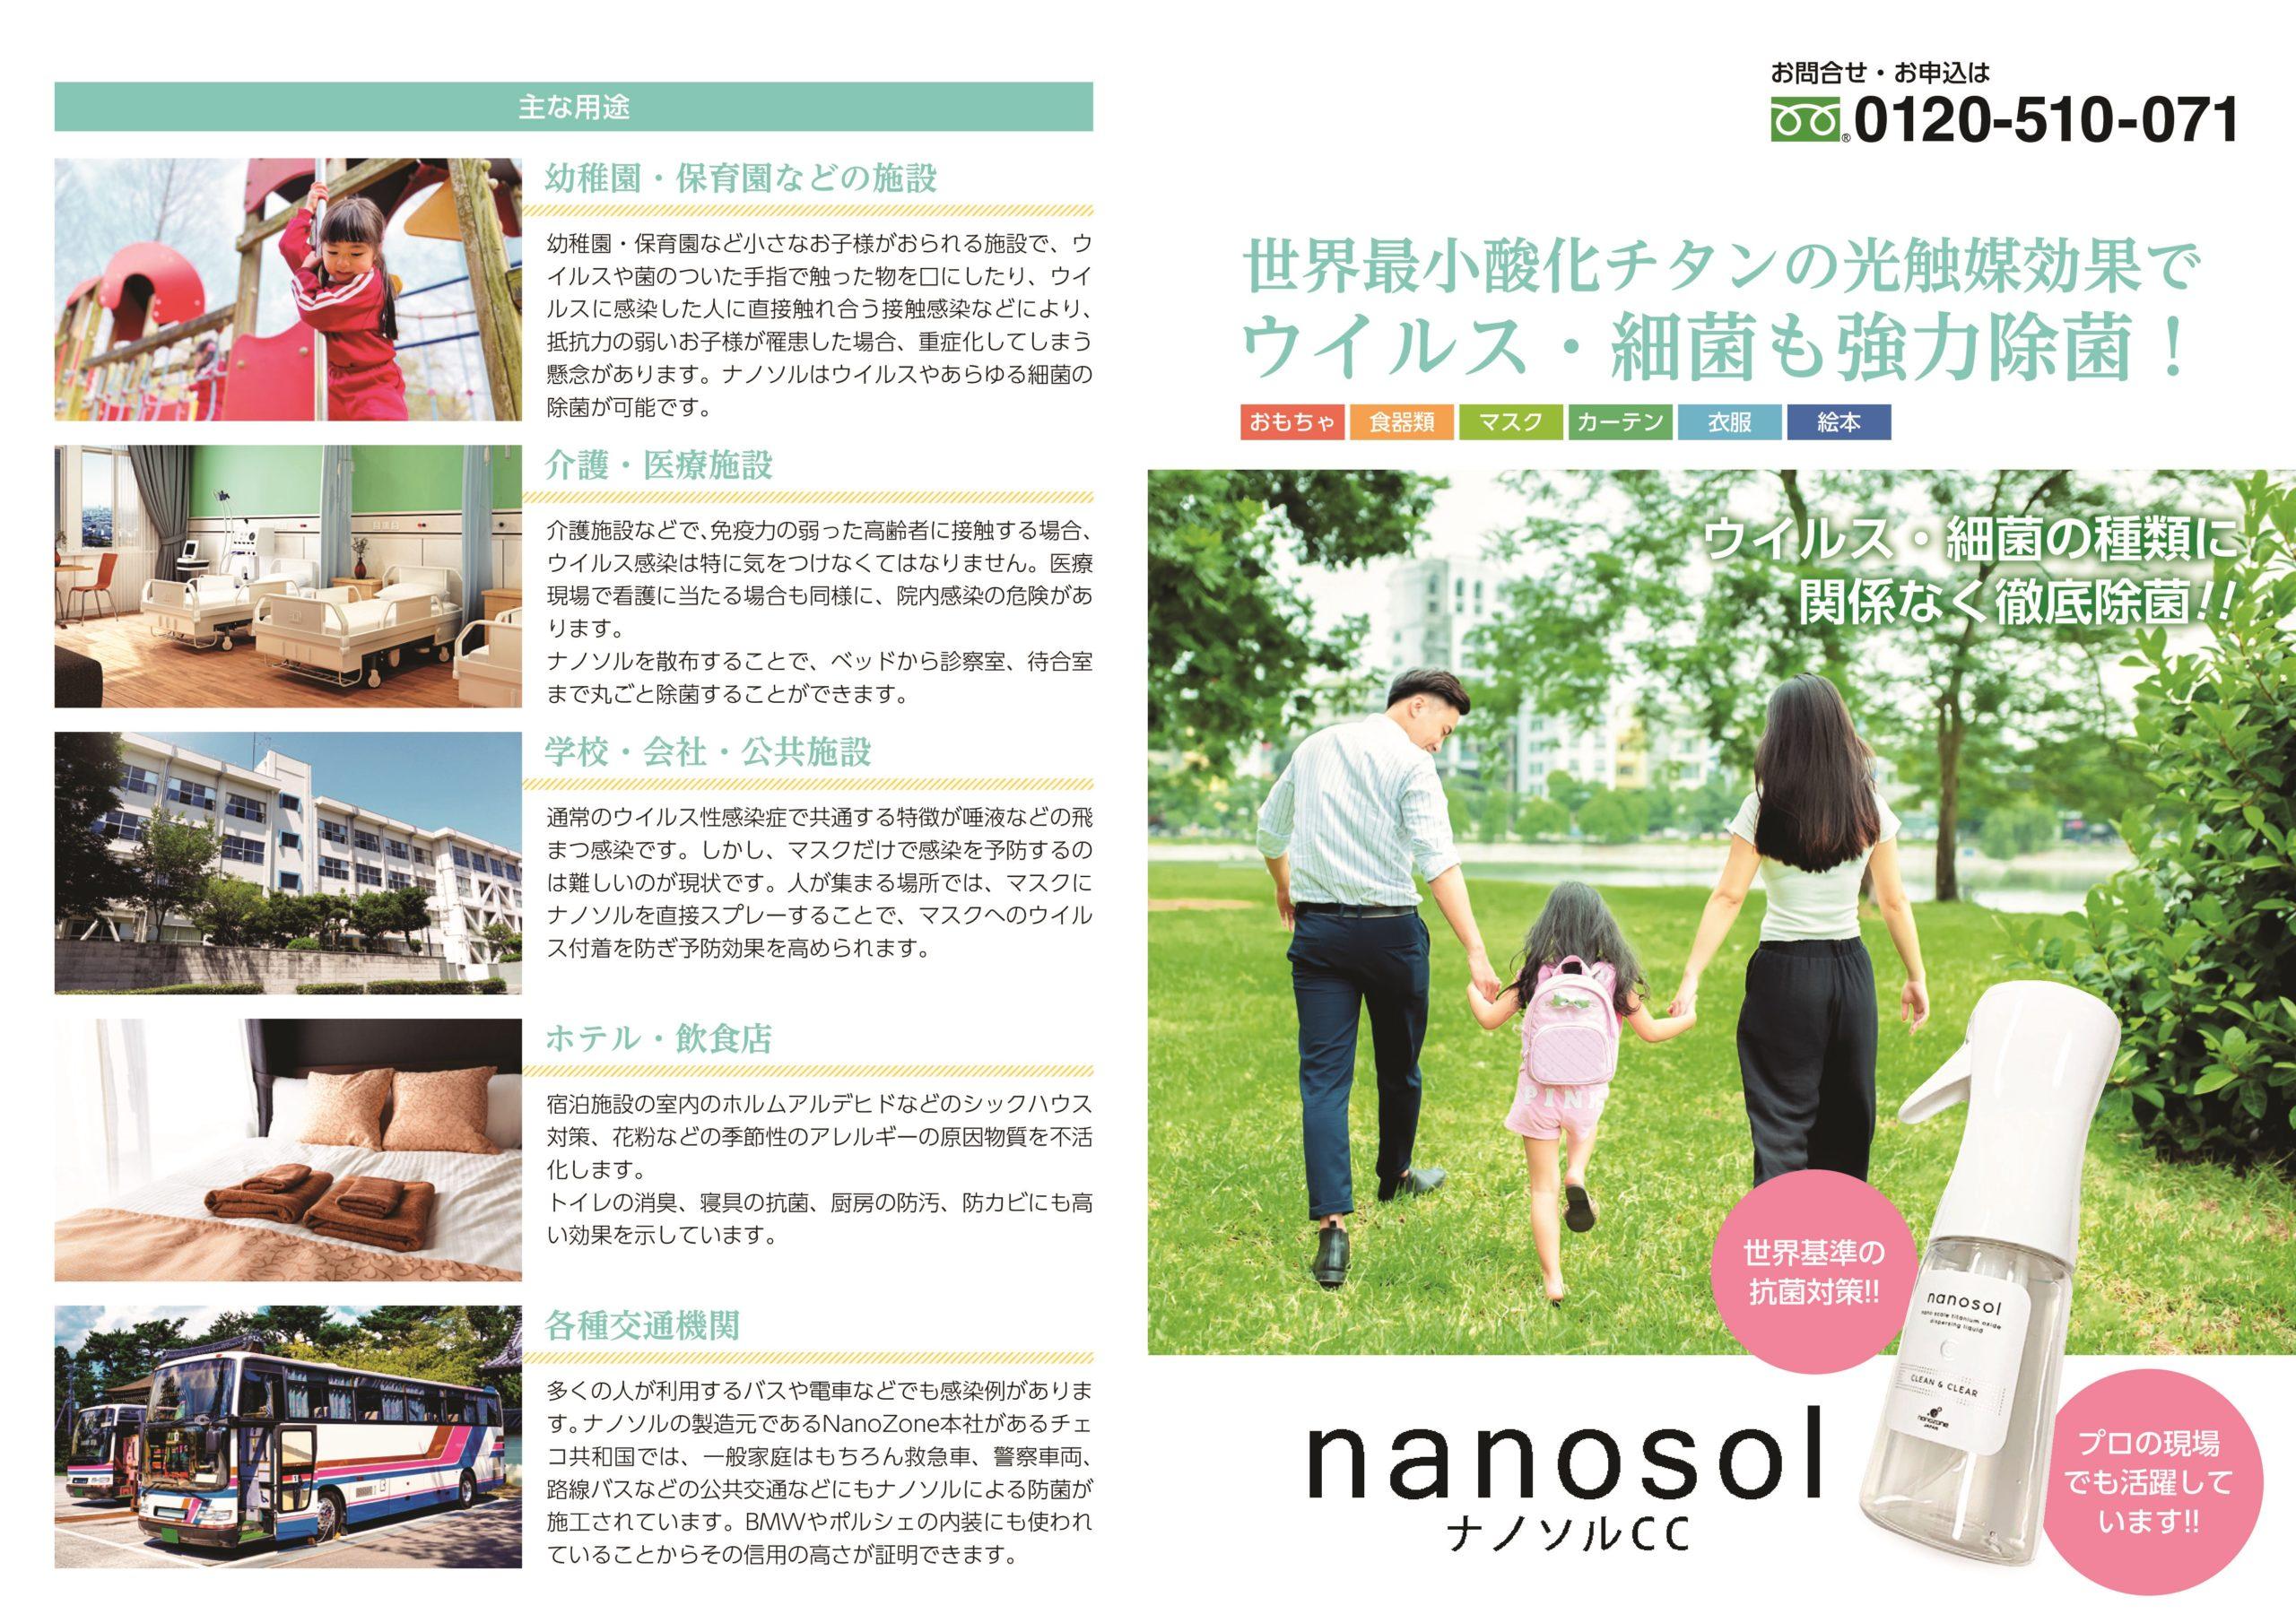 ナノソルCC_パンフレット_001